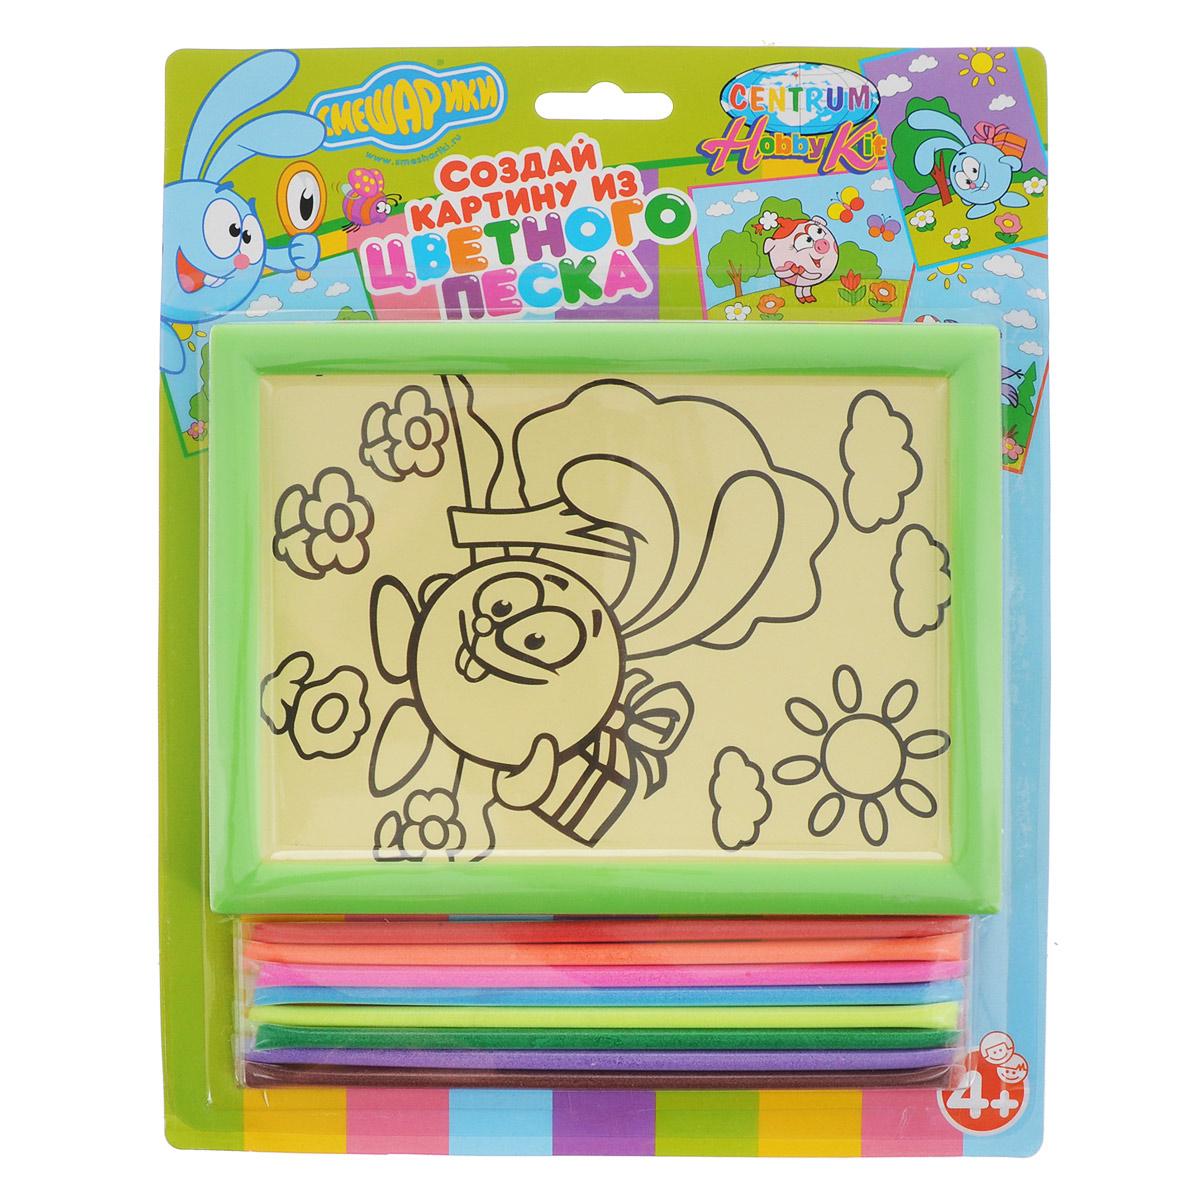 """Набор для создания панно из цветного песка """"Hobby Kit: Смешарики"""" обязательно порадует вашего малыша. В набор уже входит все необходимое для творчества: картинка-трафарет на клейкой основе, 8 упаковок цветного песка 8 цветов: красный, оранжевый, розовый, голубой, желтый, зеленый, сиреневый, коричневый. Создать картину из цветного песка совсем несложно. На основу уже нанесен клейкий слой, на который достаточно насыпать песок нужного цвета. Простой и увлекательный процесс создания картины подарит вашему малышу массу удовольствия, и поможет развить мелкую моторику рук, аккуратность, творческое мышление и художественный вкус. Готовая картина из цветного песка станет предметом гордости ребенка, украсит интерьер детской комнаты, а также станет прекрасным подарком на любой праздник"""